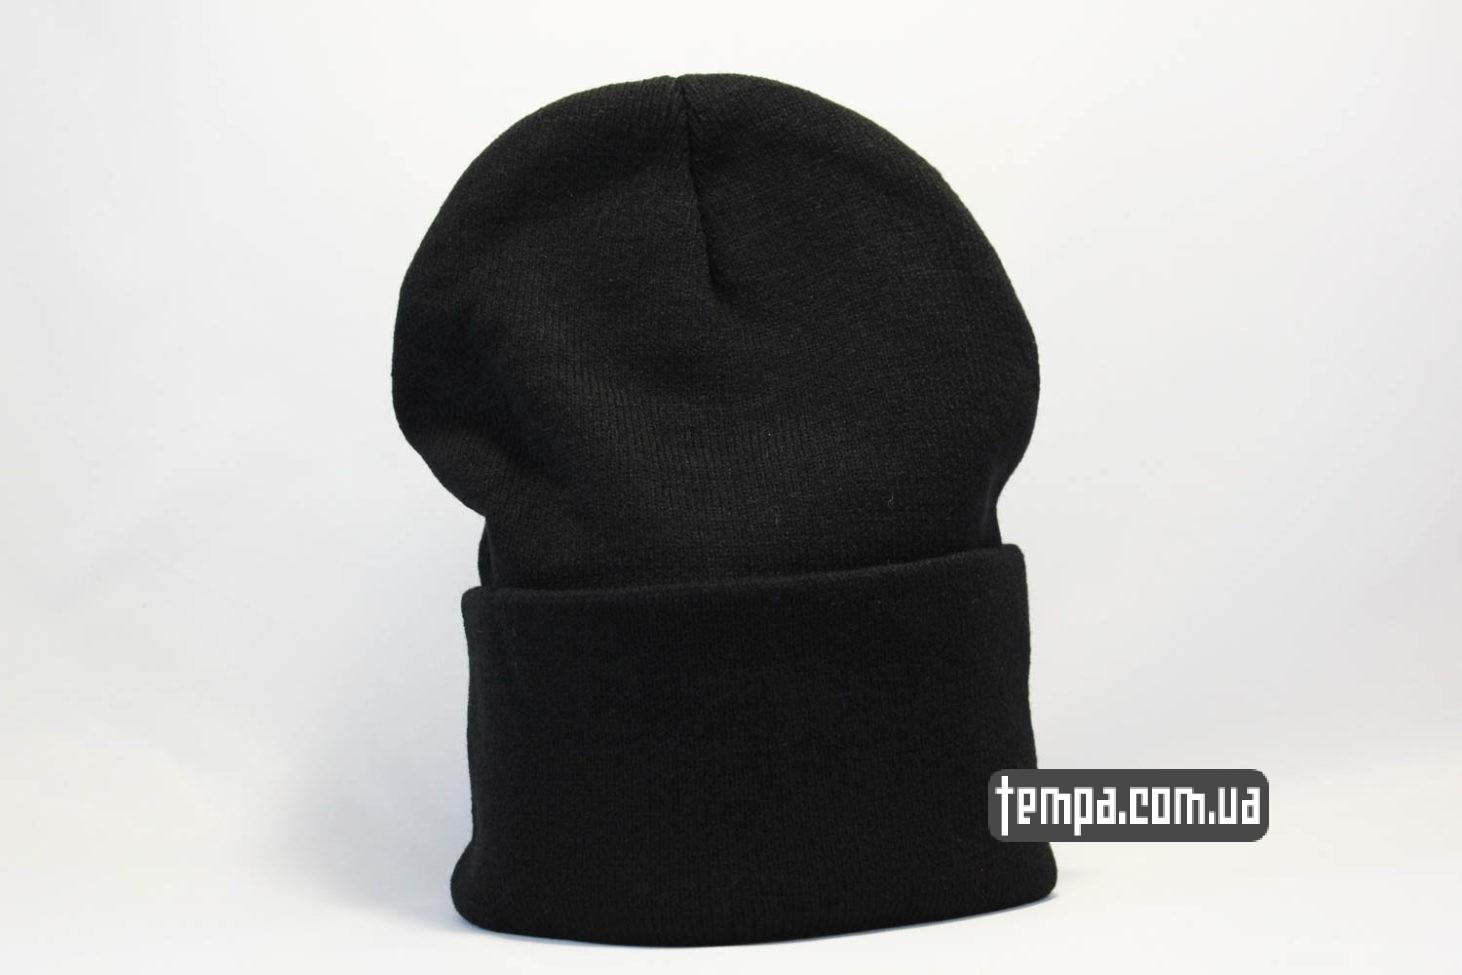 шапка beanie чисто черная без надписей ASOS купить Украина